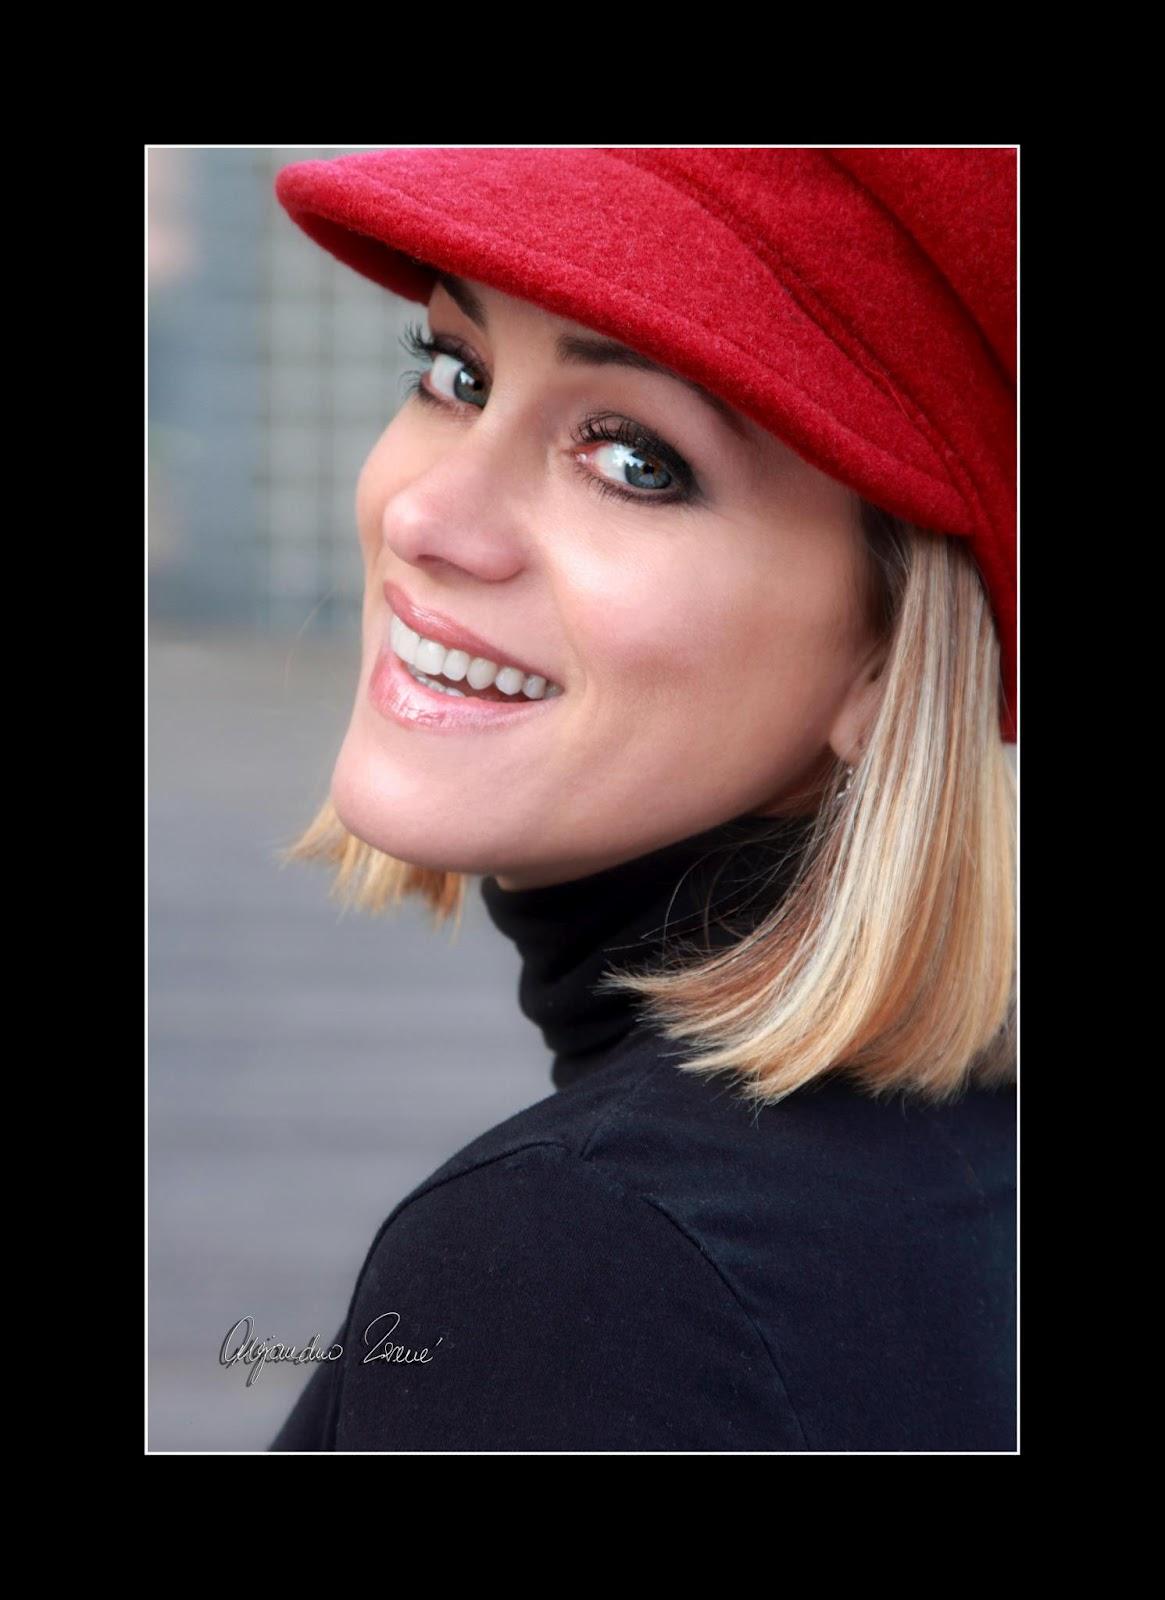 http://2.bp.blogspot.com/-mqR0atM450M/T_Rsk1OtXkI/AAAAAAAAAO8/TRsdcHdXEZc/s1600/07-10-V.jpg